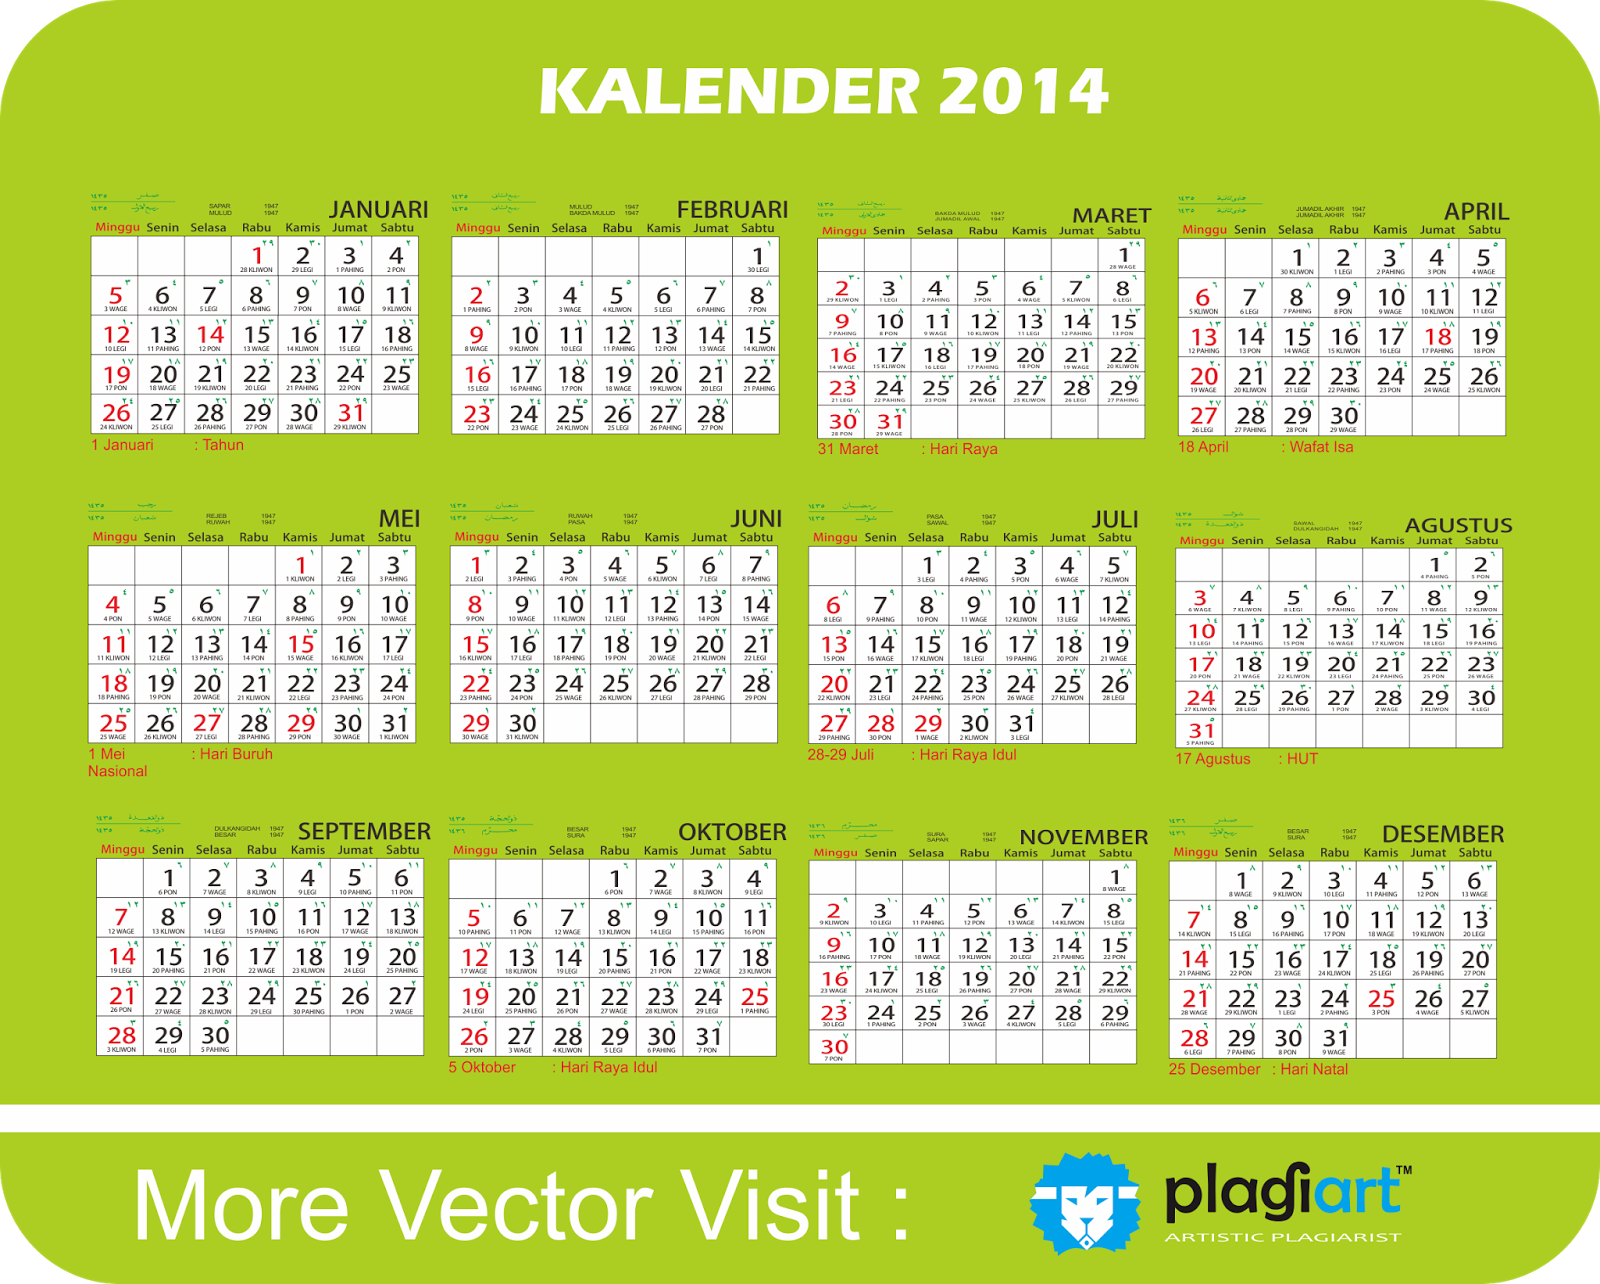 Download Vector Kalender 2014 dilengkapi Pasaran Jawa dan Bulan Islam